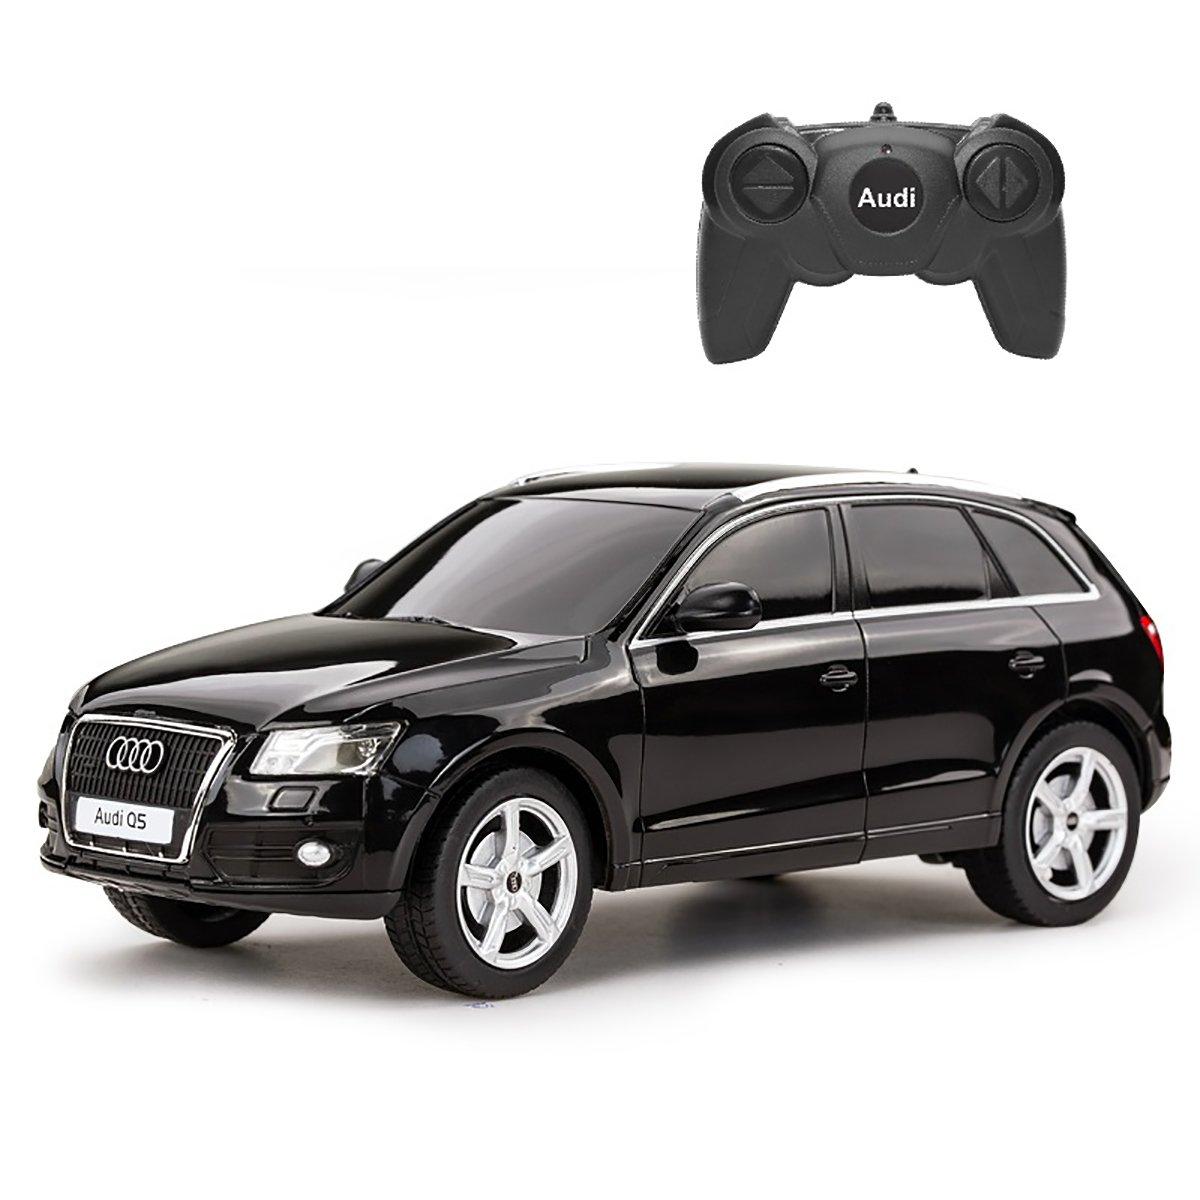 Masinuta cu telecomanda Rastar Audi Q5, Negru, 1:24